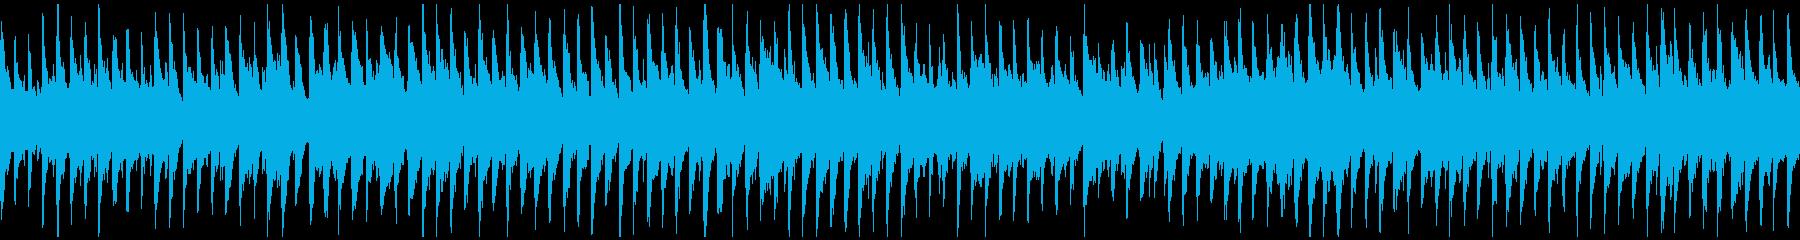 コロコロとした跳ねるウクレレ曲※ループ版の再生済みの波形